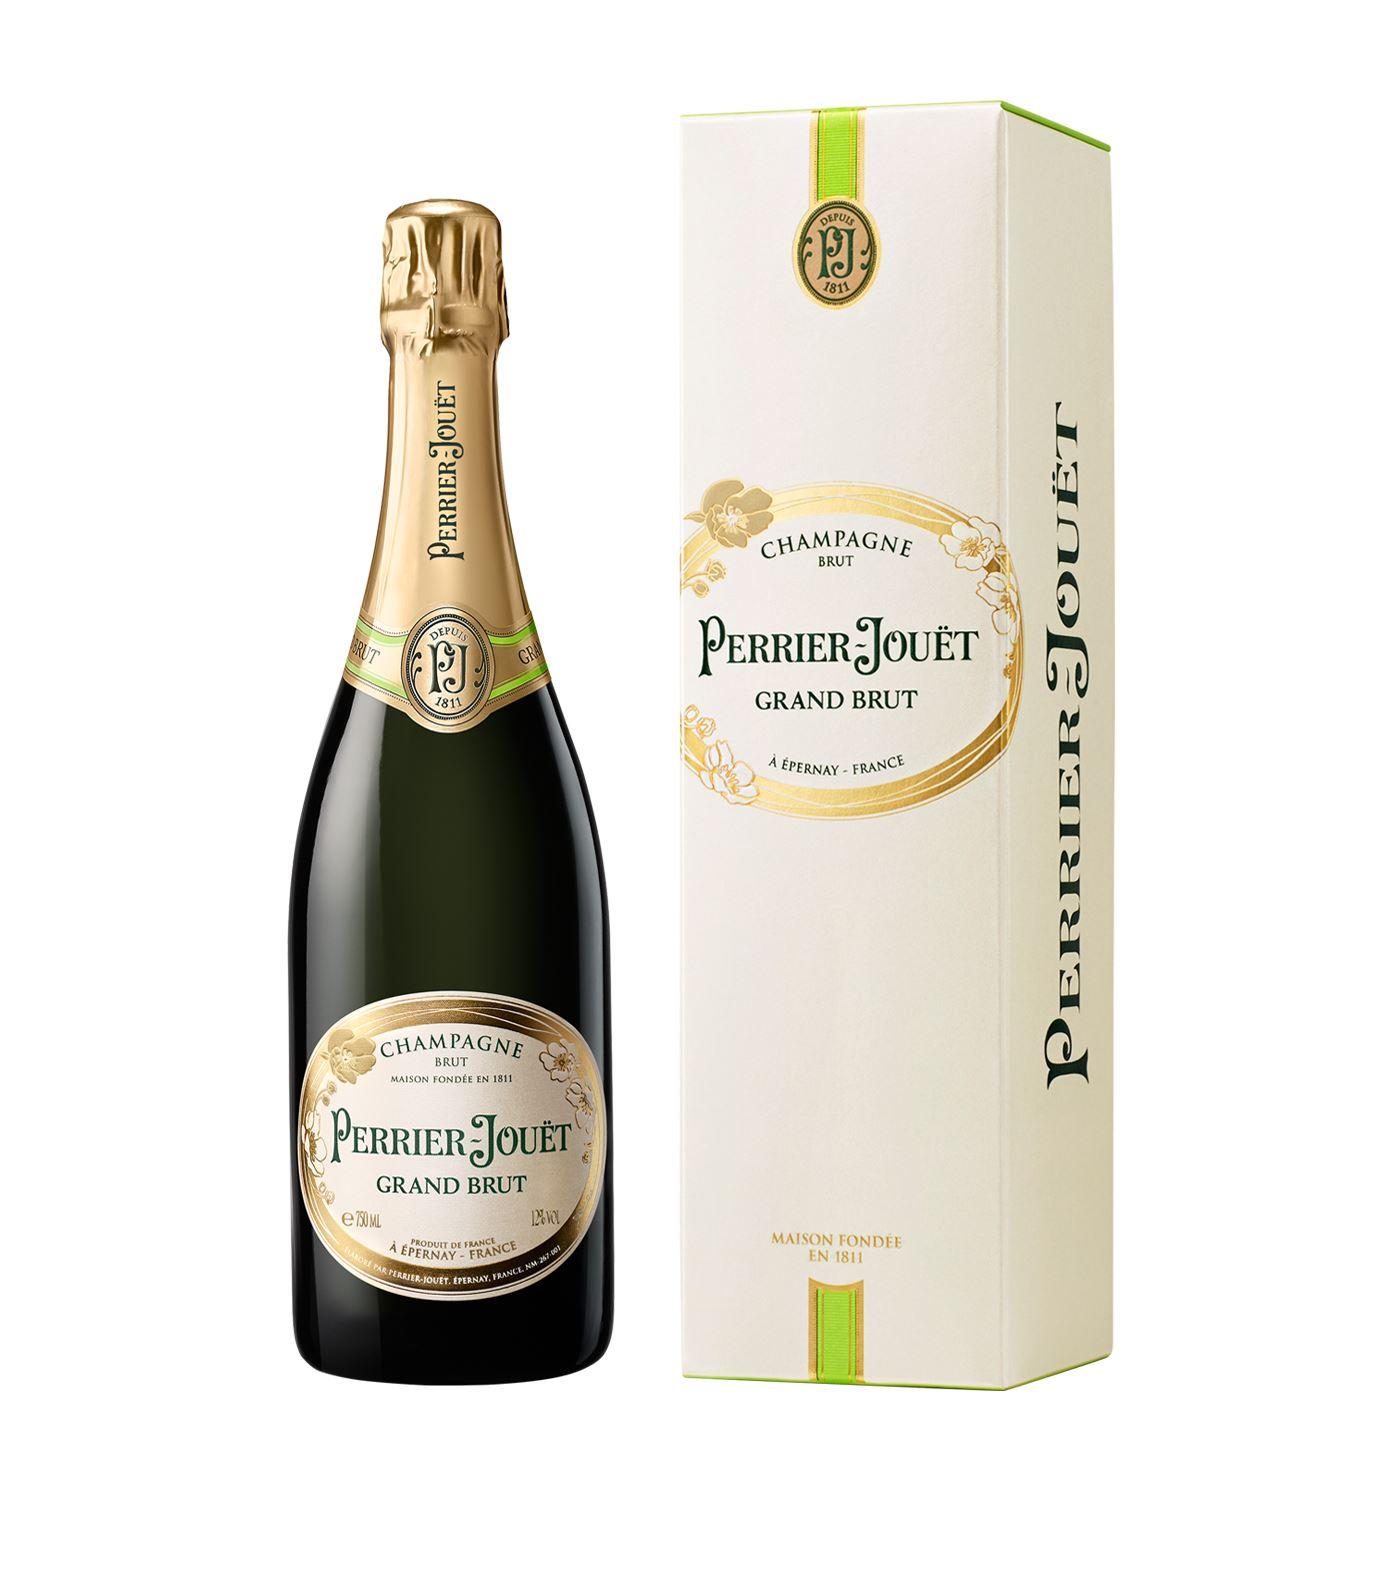 Champagne + Sekt